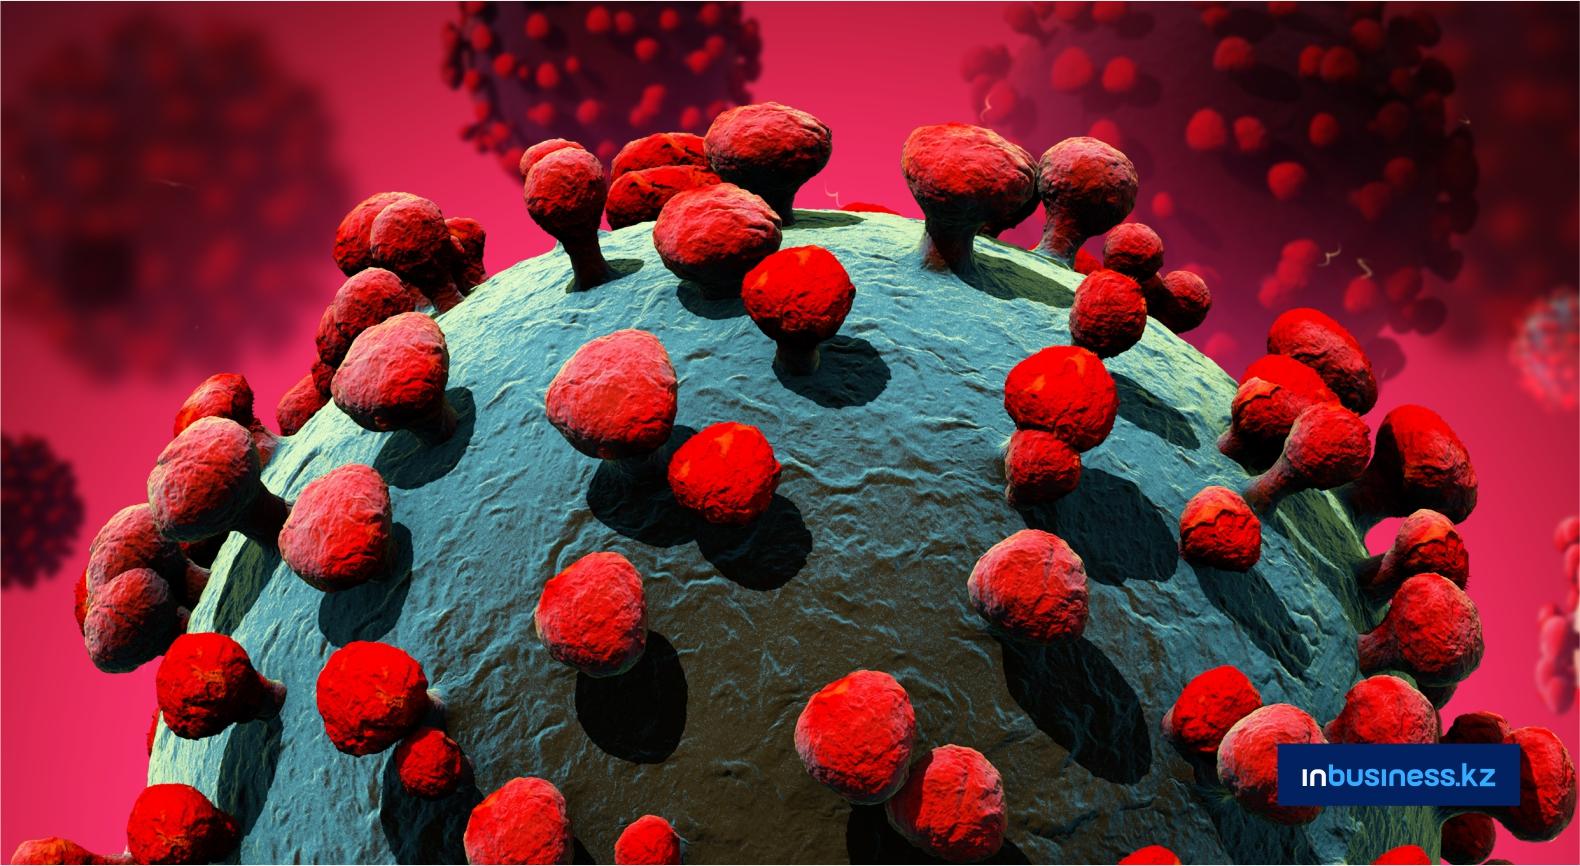 Эксперт ВШЭ назвала признак второй волны коронавируса